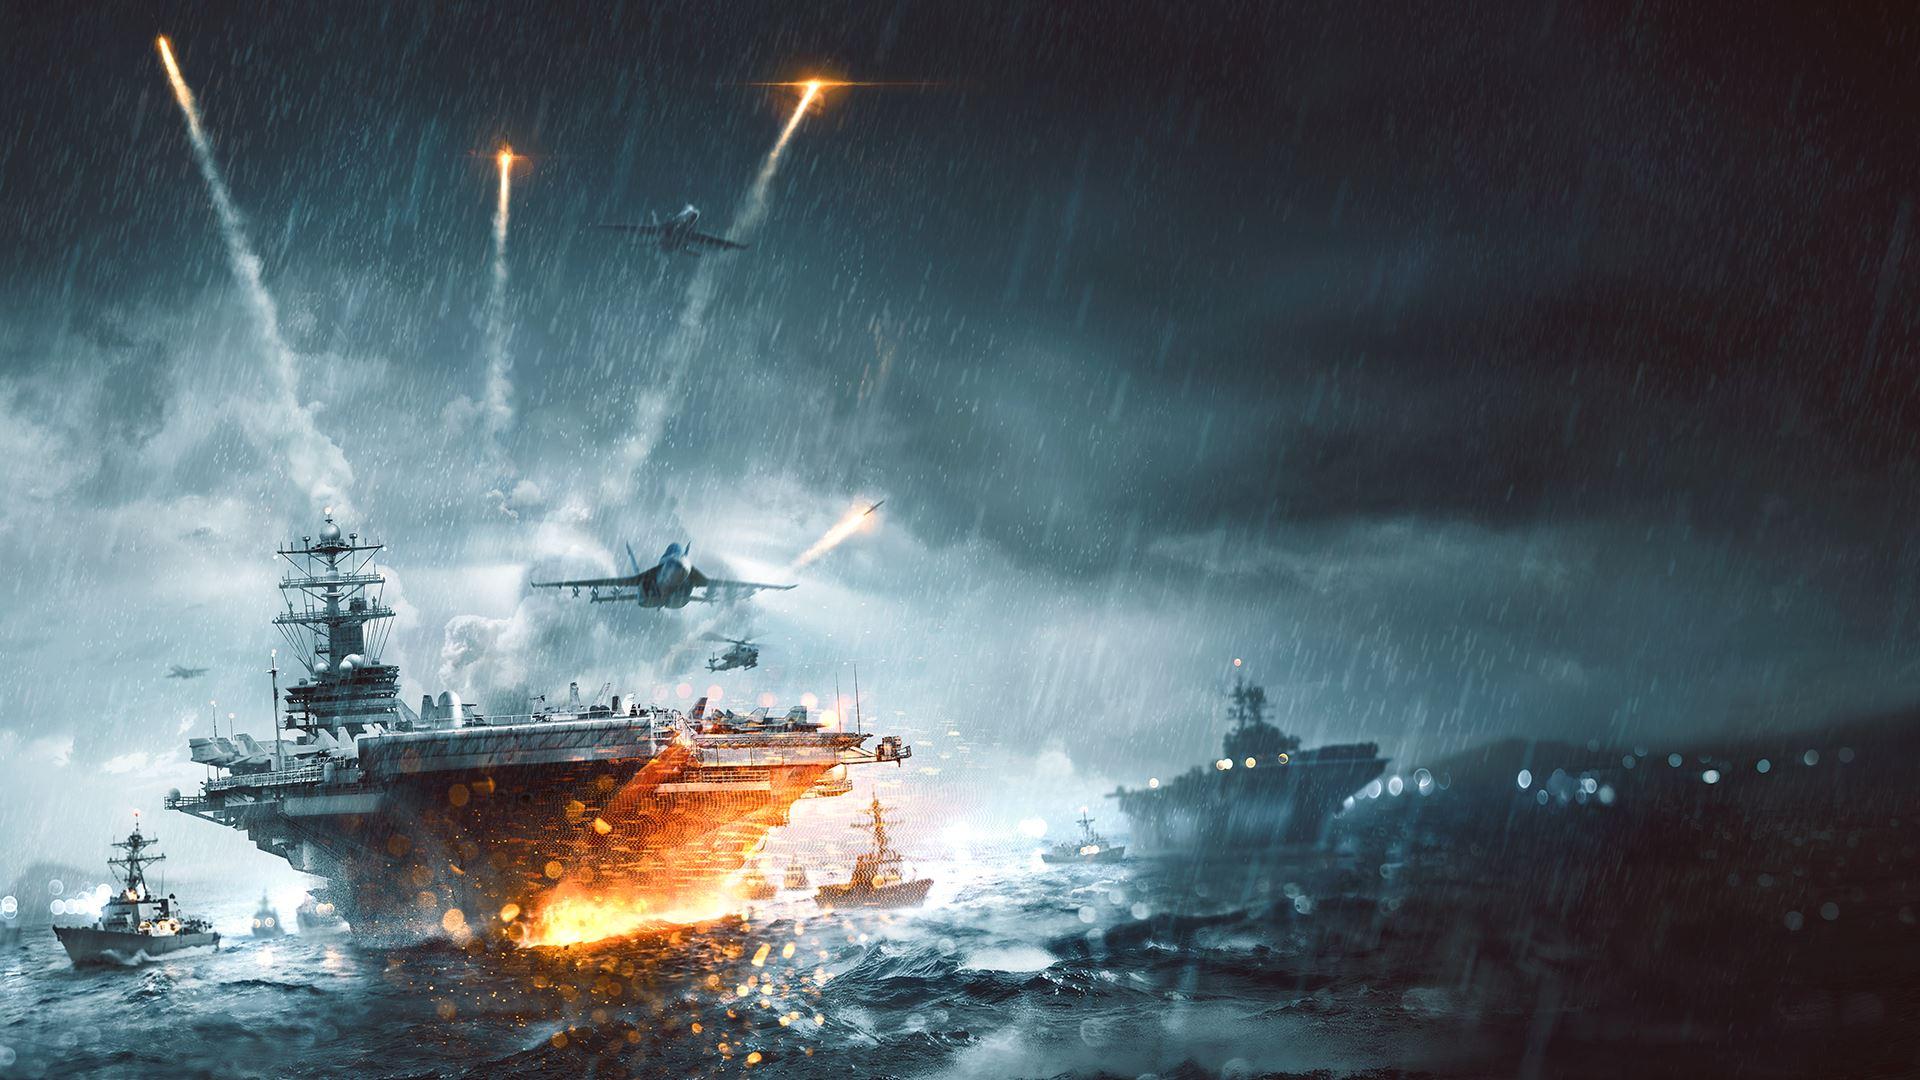 Battlefield 4 Naval Strike za darmo dla posiadaczy Gold